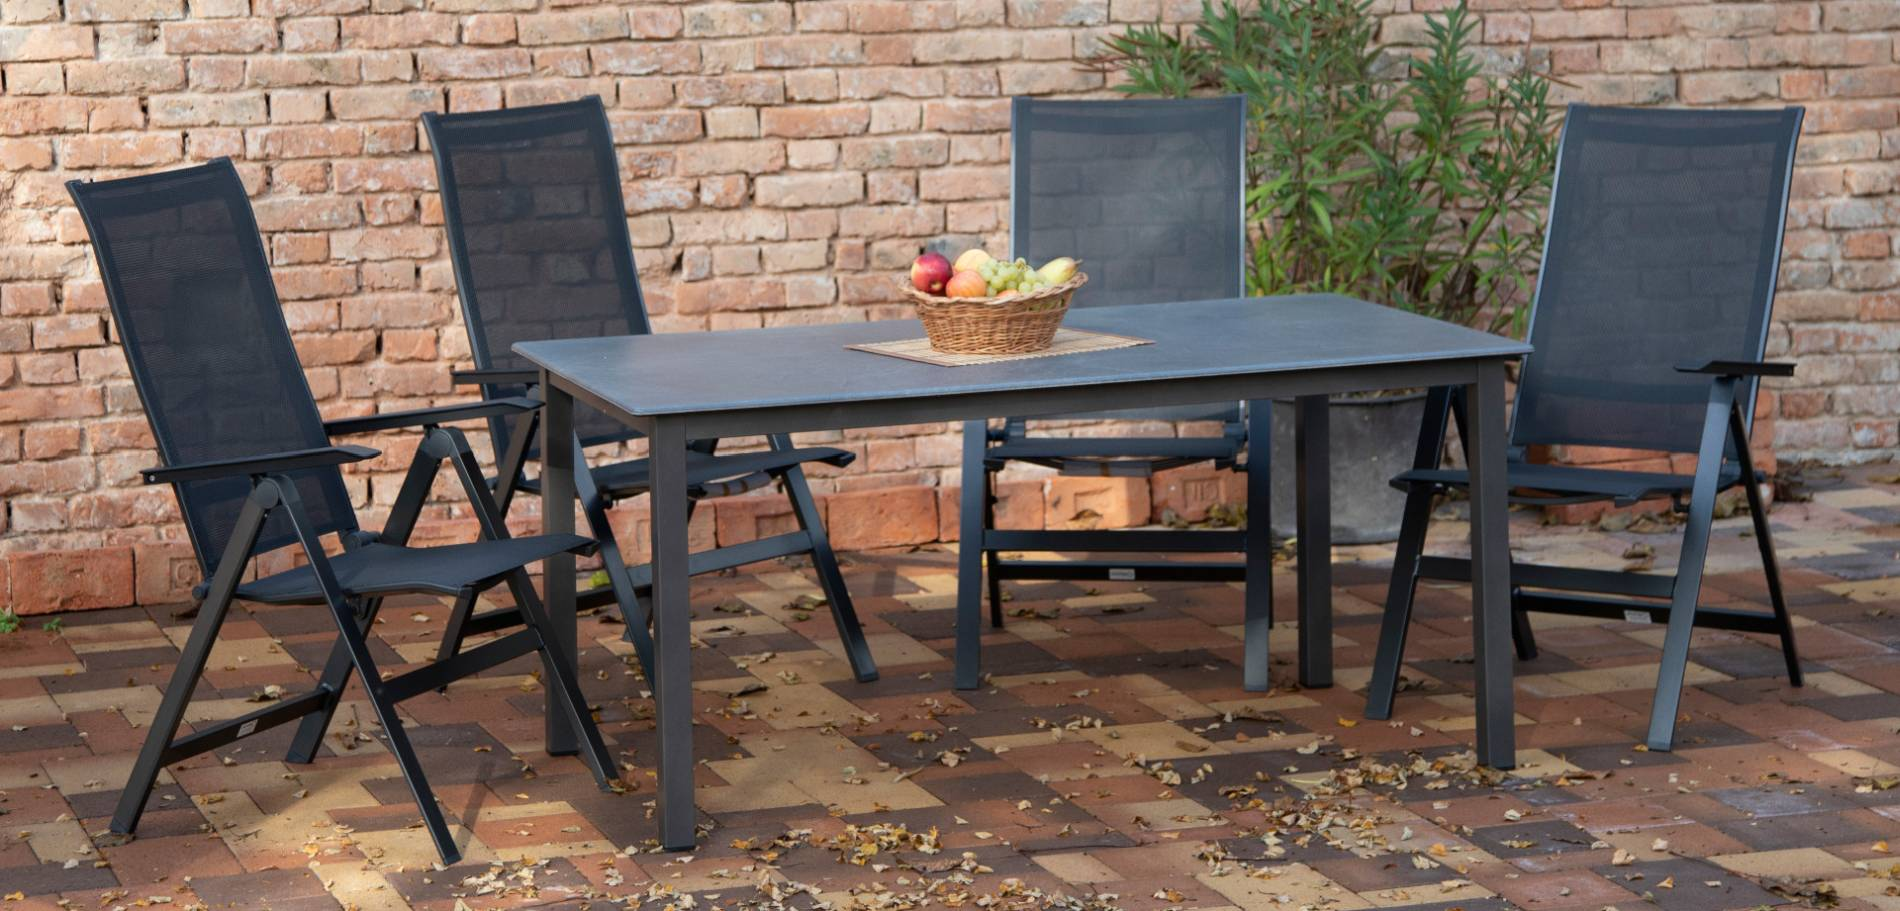 acamp Gartenmöbelset 4x Urban Klappsessel 56862 und 1x Tisch 56663 Acaplan 160 x 90 cm